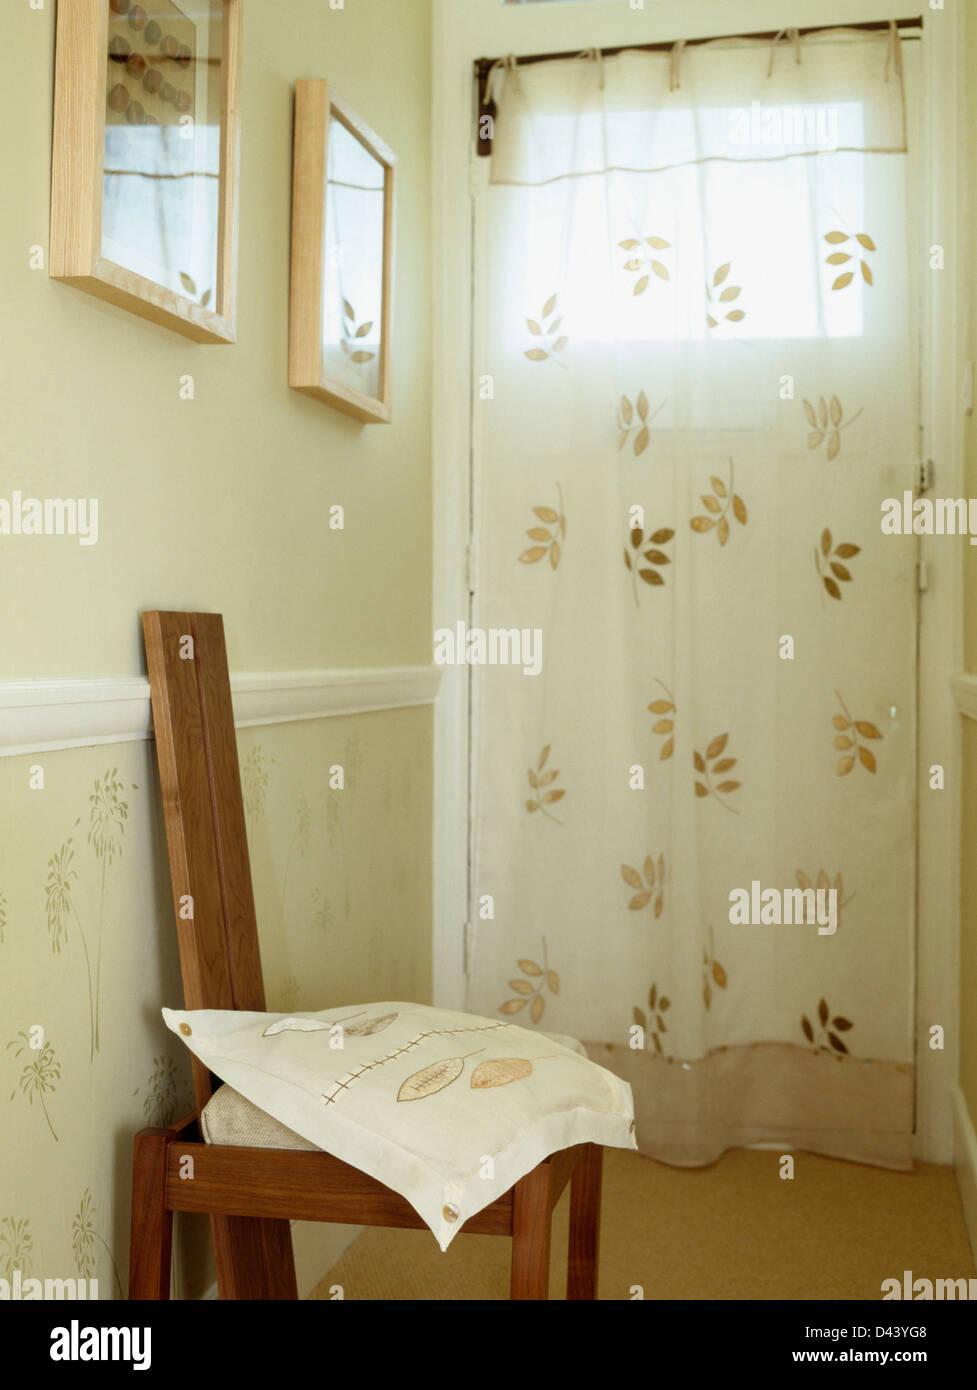 Rideau Porte D Entrée crème appliqued voile rideau sur porte d'entrée dans le hall